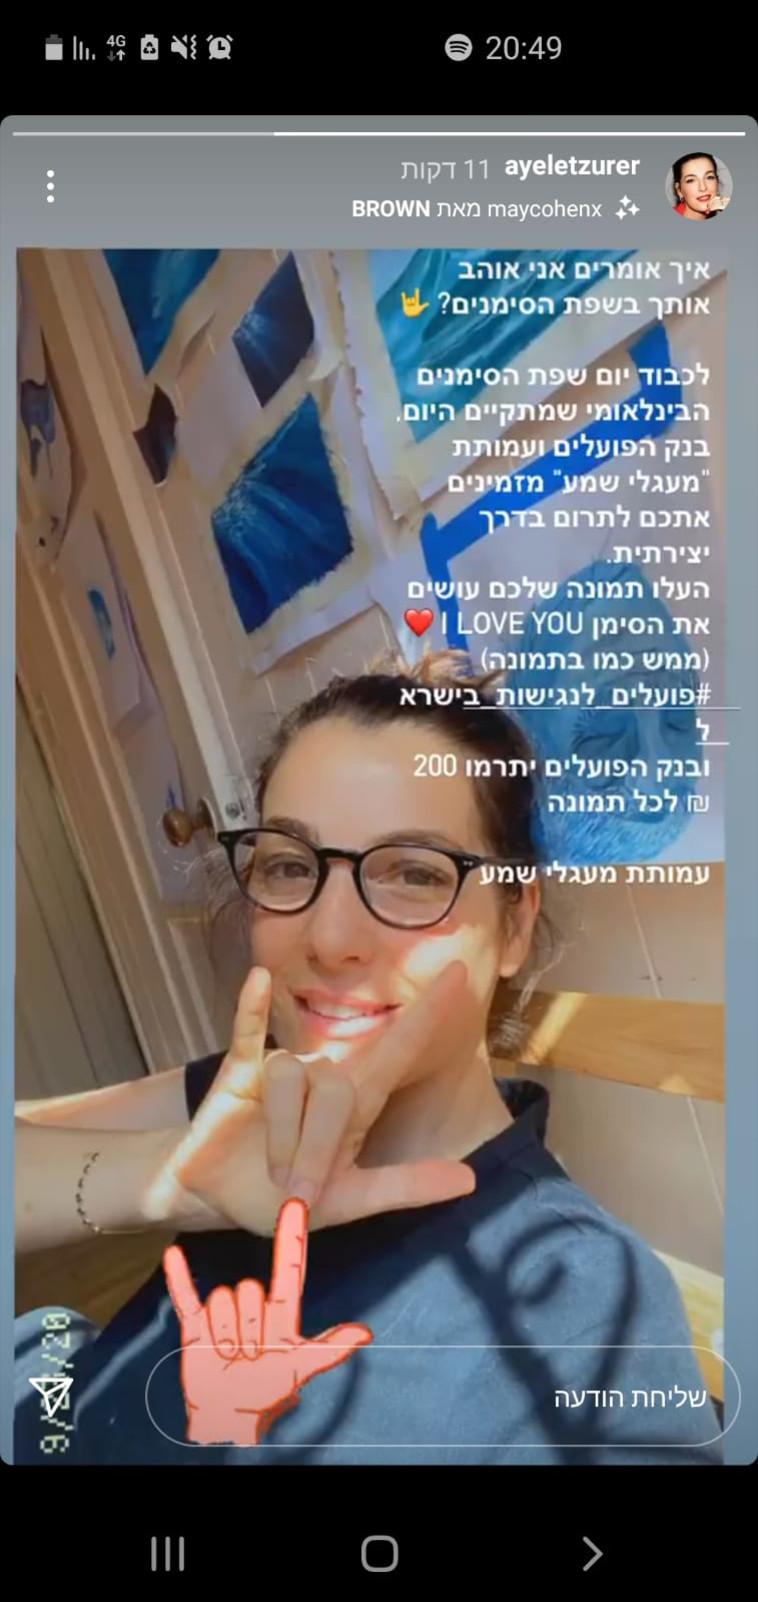 איילת זורר אומרת ''אני אוהב אותך'' בשפת הסימנים (צילום: אינסטגרם)